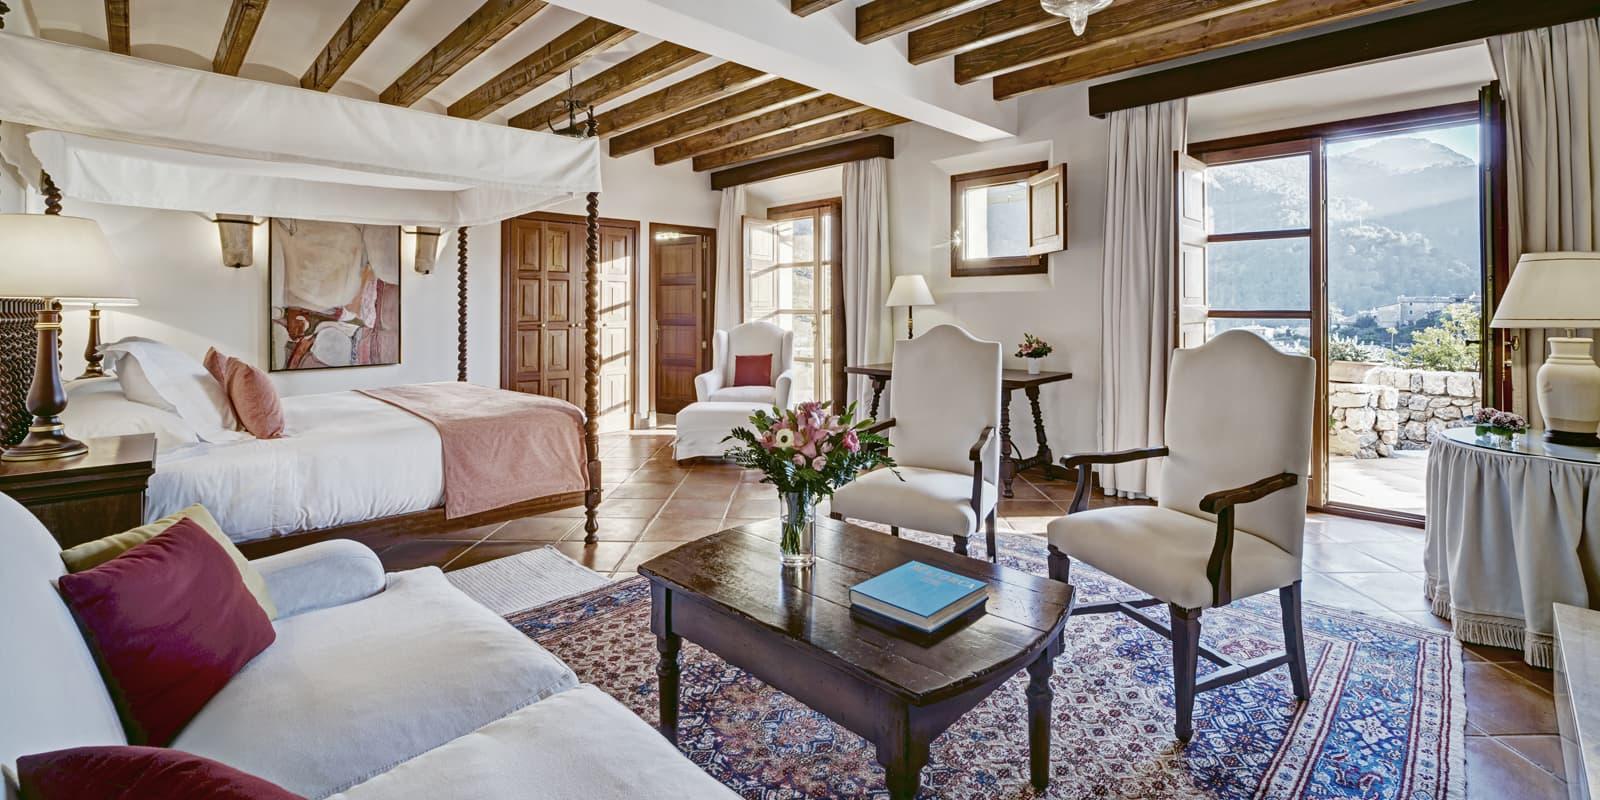 OCOA-HOTEL-BELMOND-LA-RESIDENCIA-MALLORCA-8